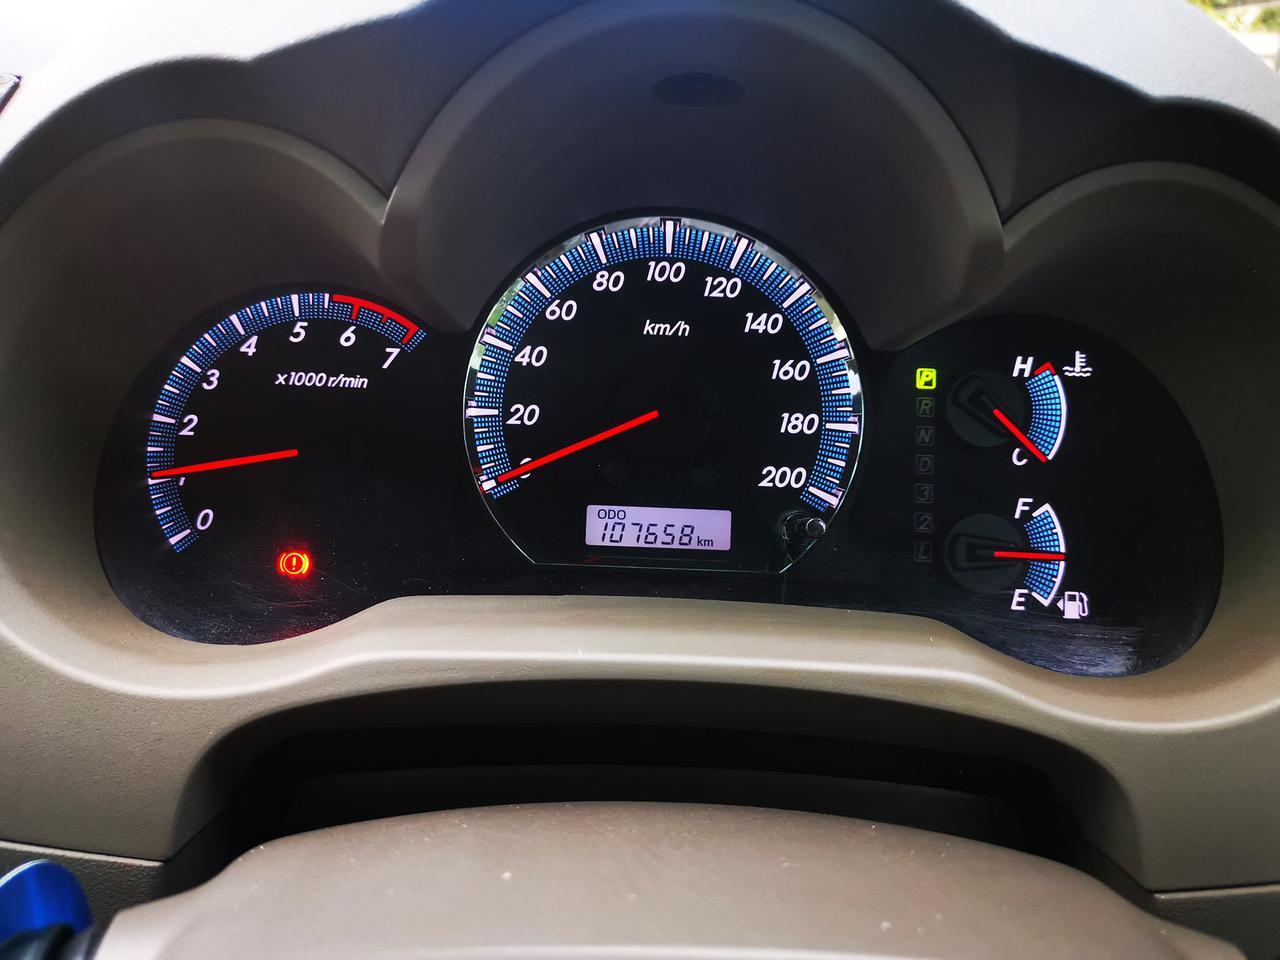 ขายรถมือสอง Fortuner 2.7 V (ปี 2013) สภาพสวยมาก เครื่องยนต์เบนซิน ใช้น้อยมาก ไมล์แท้  รูปที่ 5